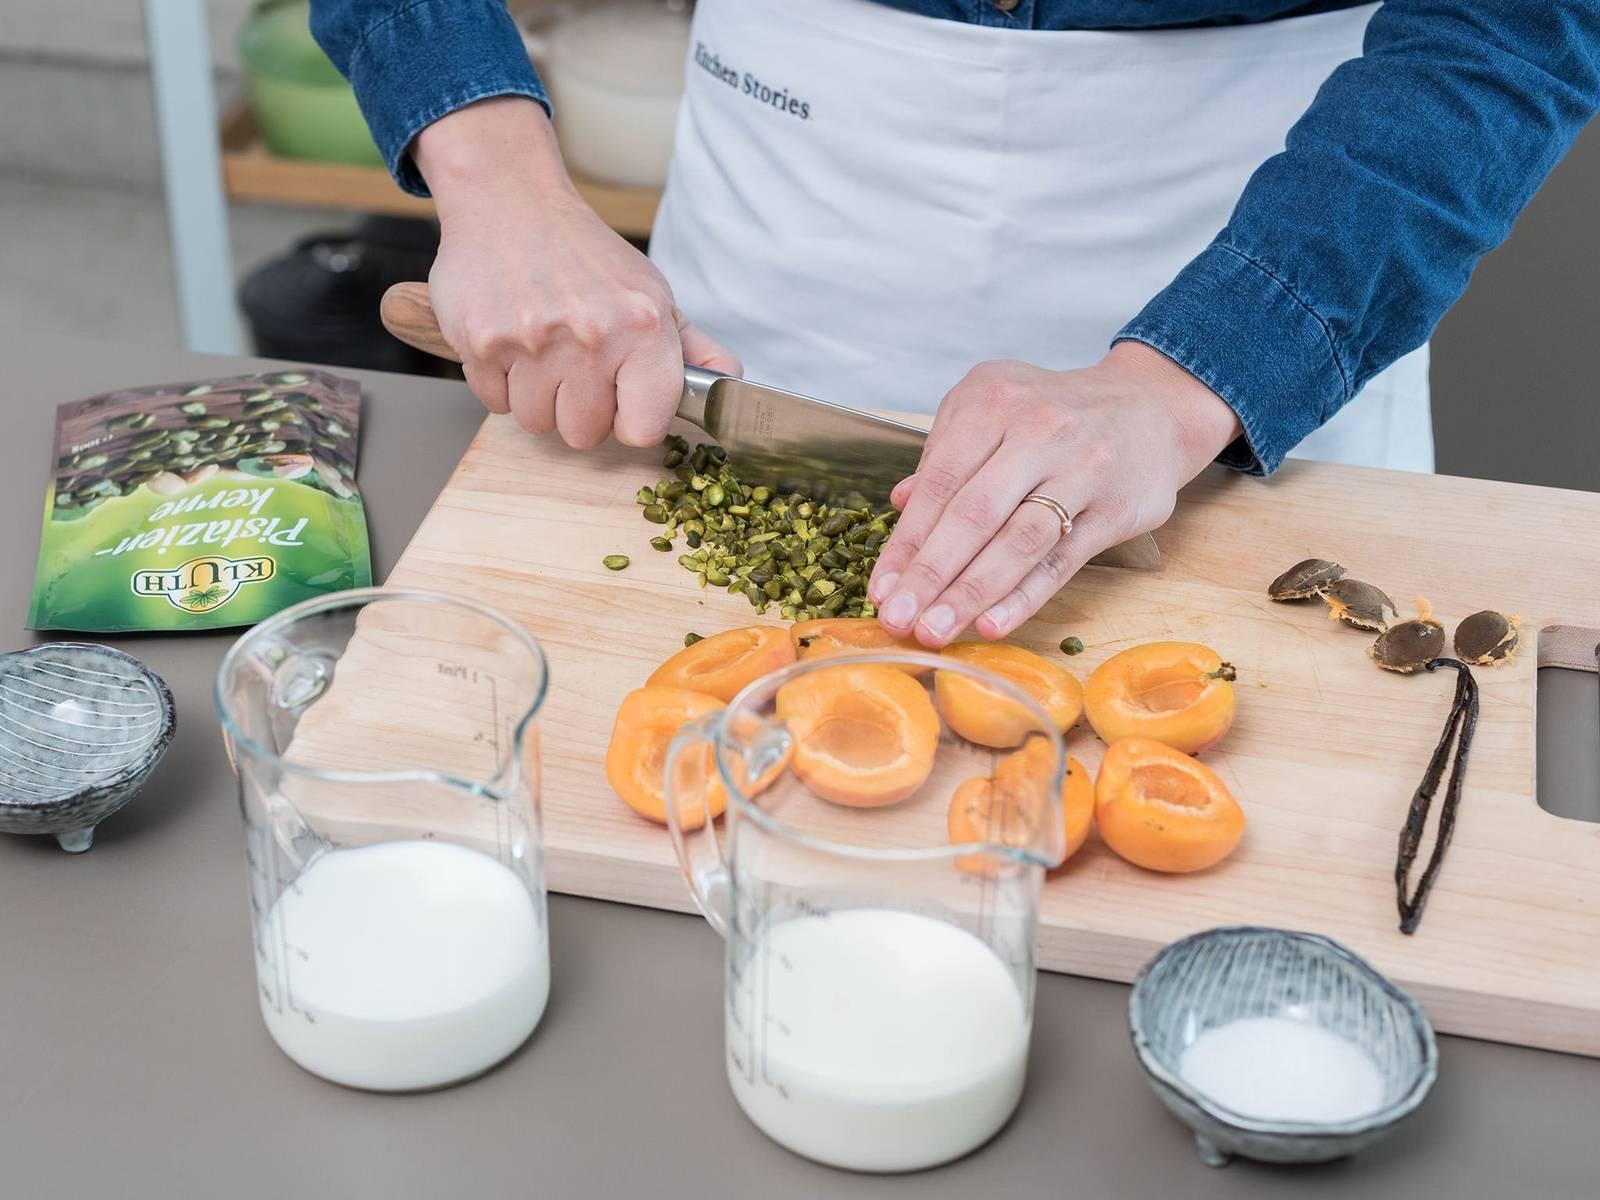 将香草豆荚撕开,刮出籽。清洗杏子后擦干、切半并除去籽。开心果剁成细末。